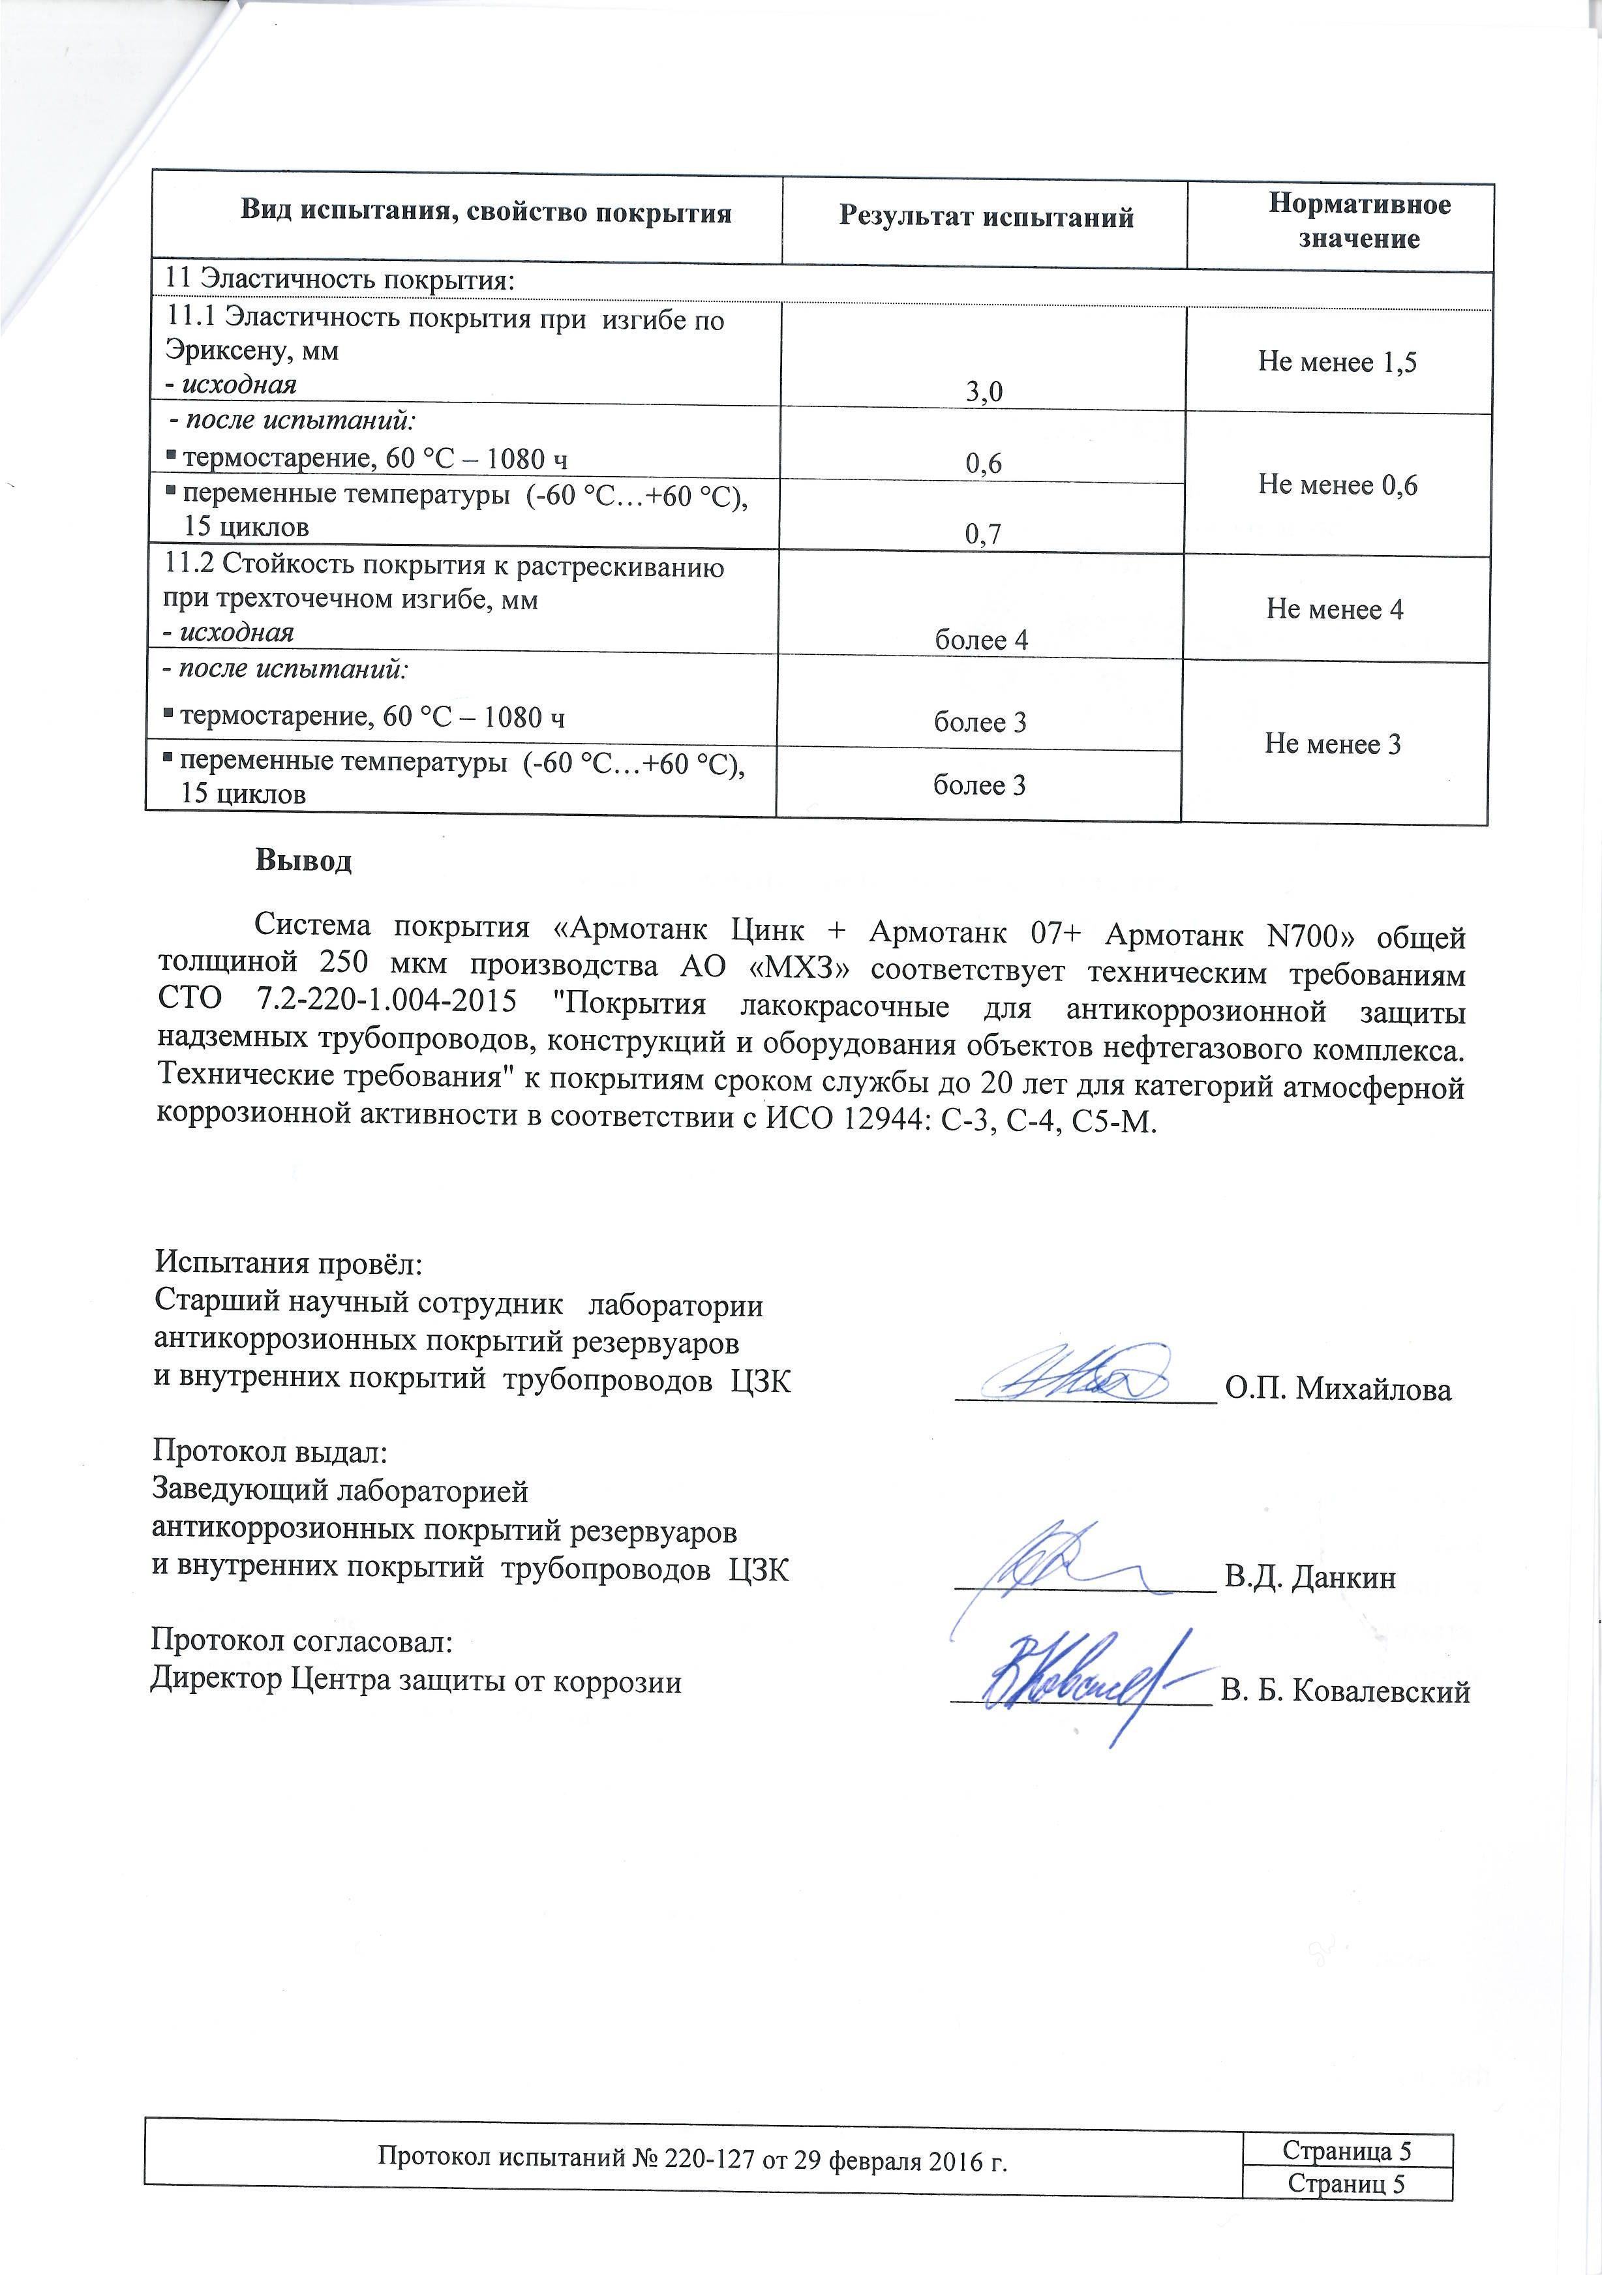 ВНИИСТ Цинк+07+N700 для трубопроводов; С-3,С-4,С5-М-20 лет+Протокол №220-127_Страница_6